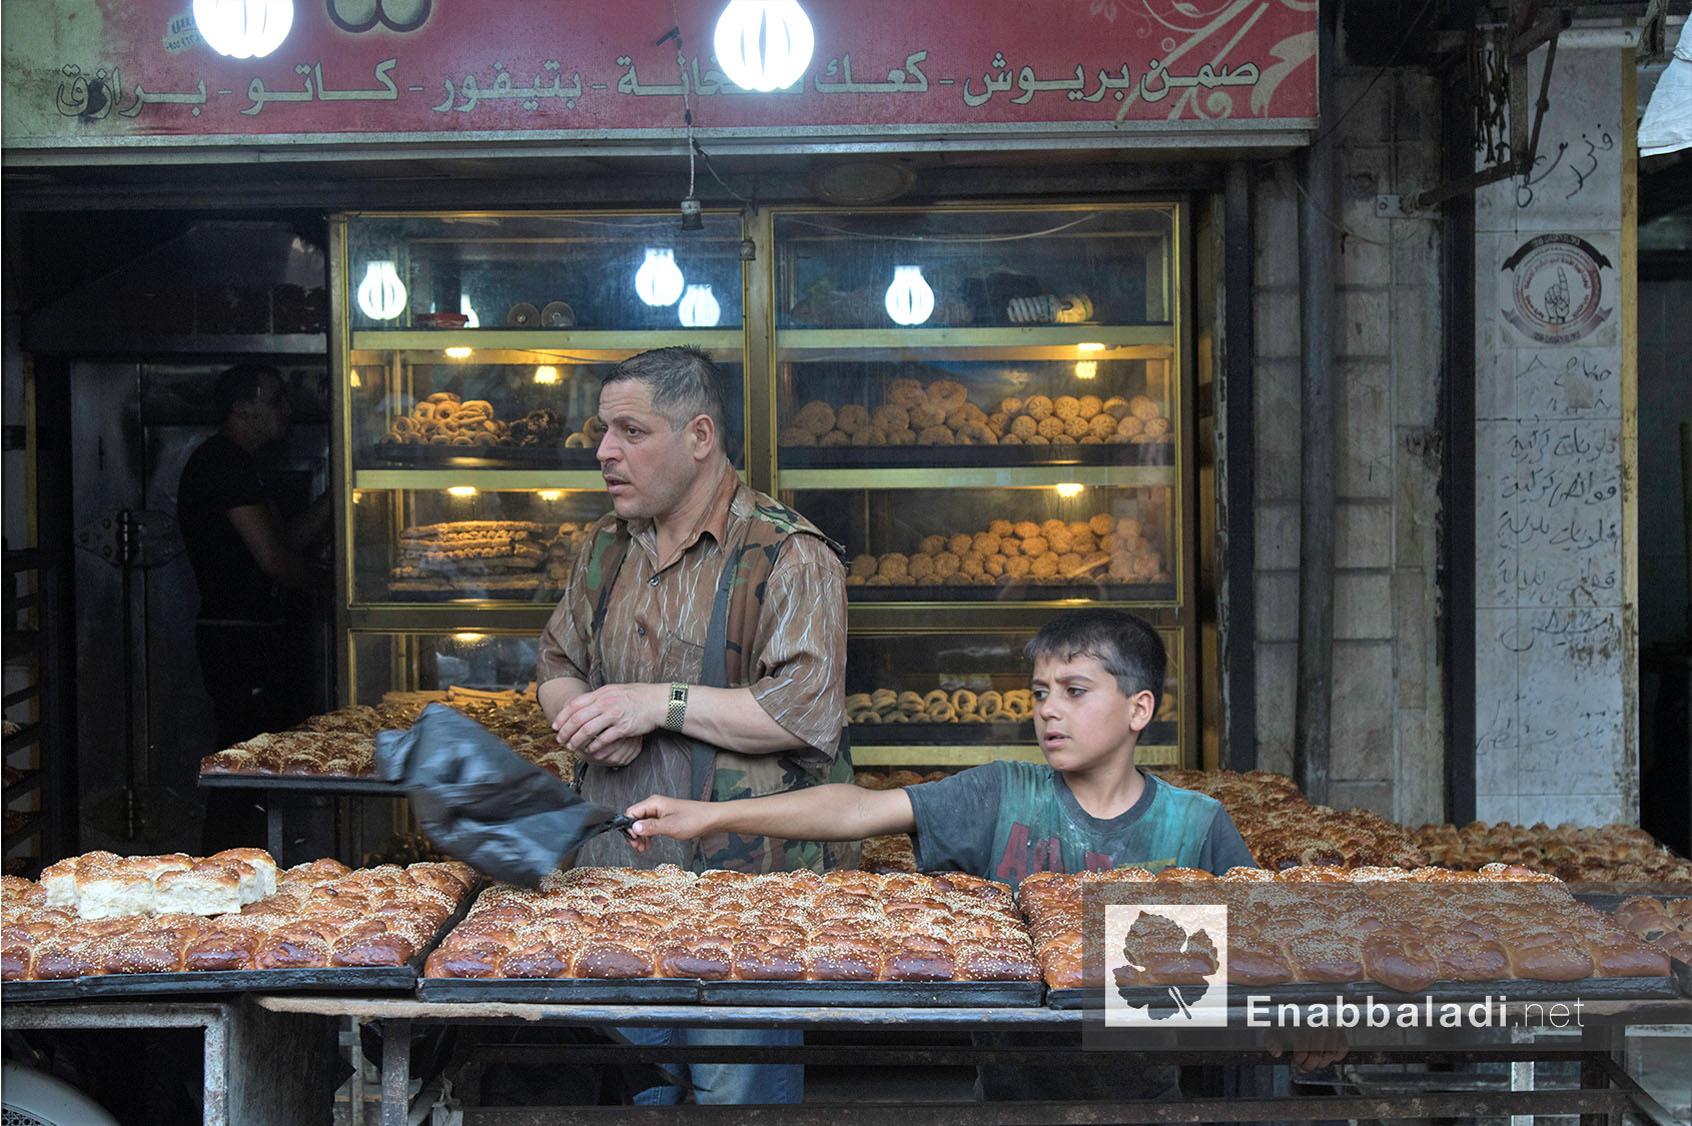 بائع معروك يساعده طفل في أحد أحياء مدينة حلب في رمضان - 13 حزيران 2016 - (عنب بلدي)